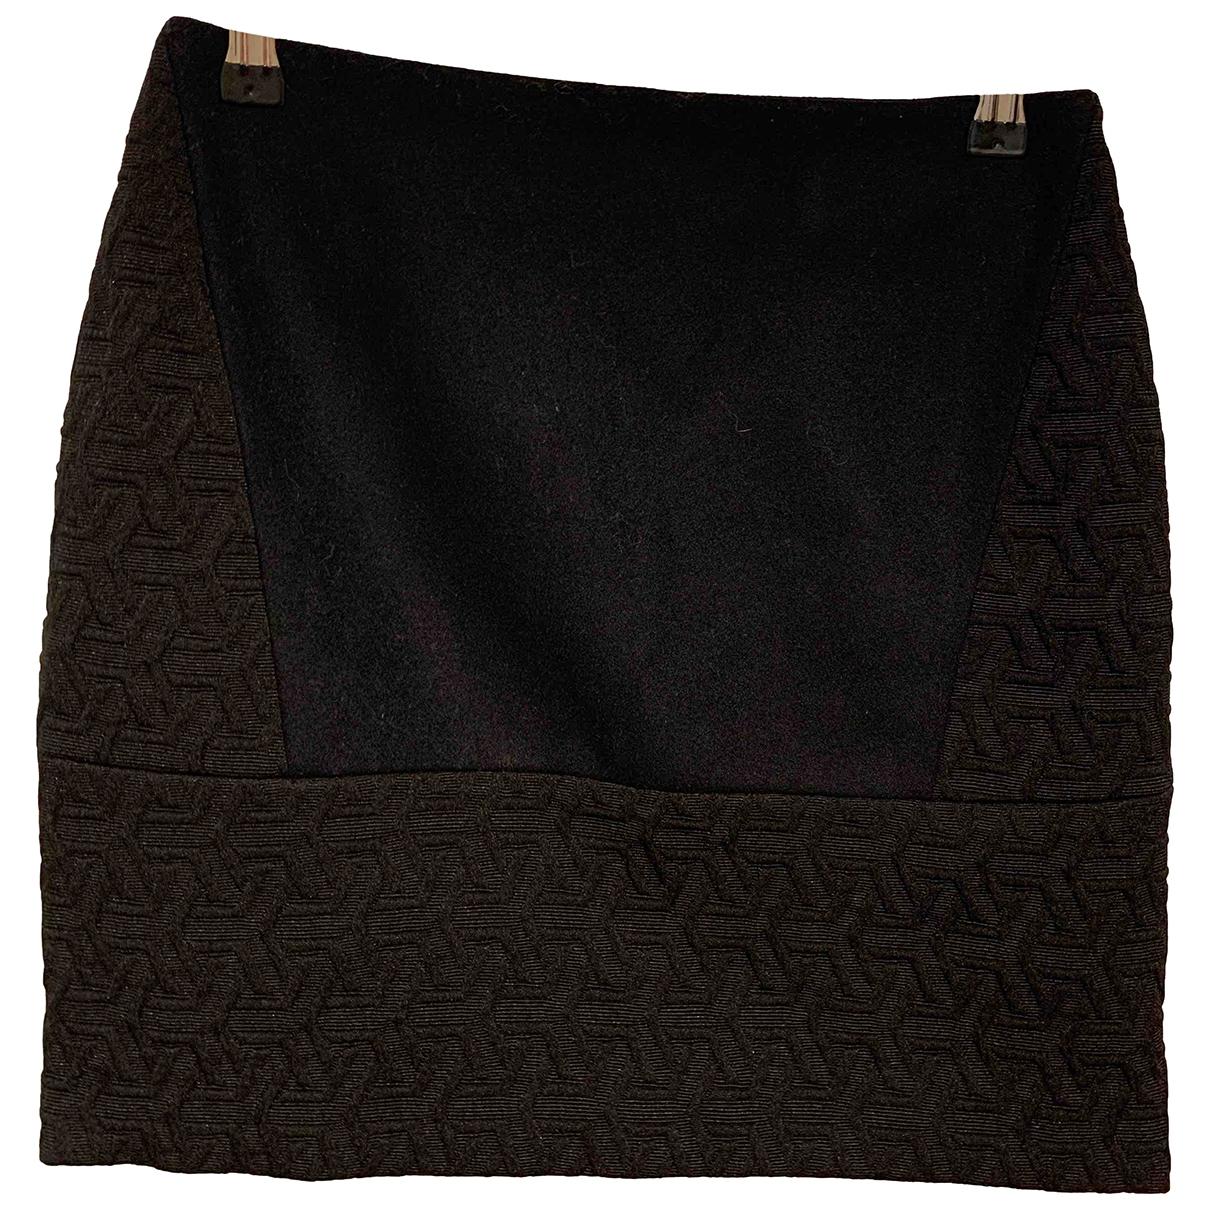 Sandro \N Black Cotton skirt for Women 6 UK